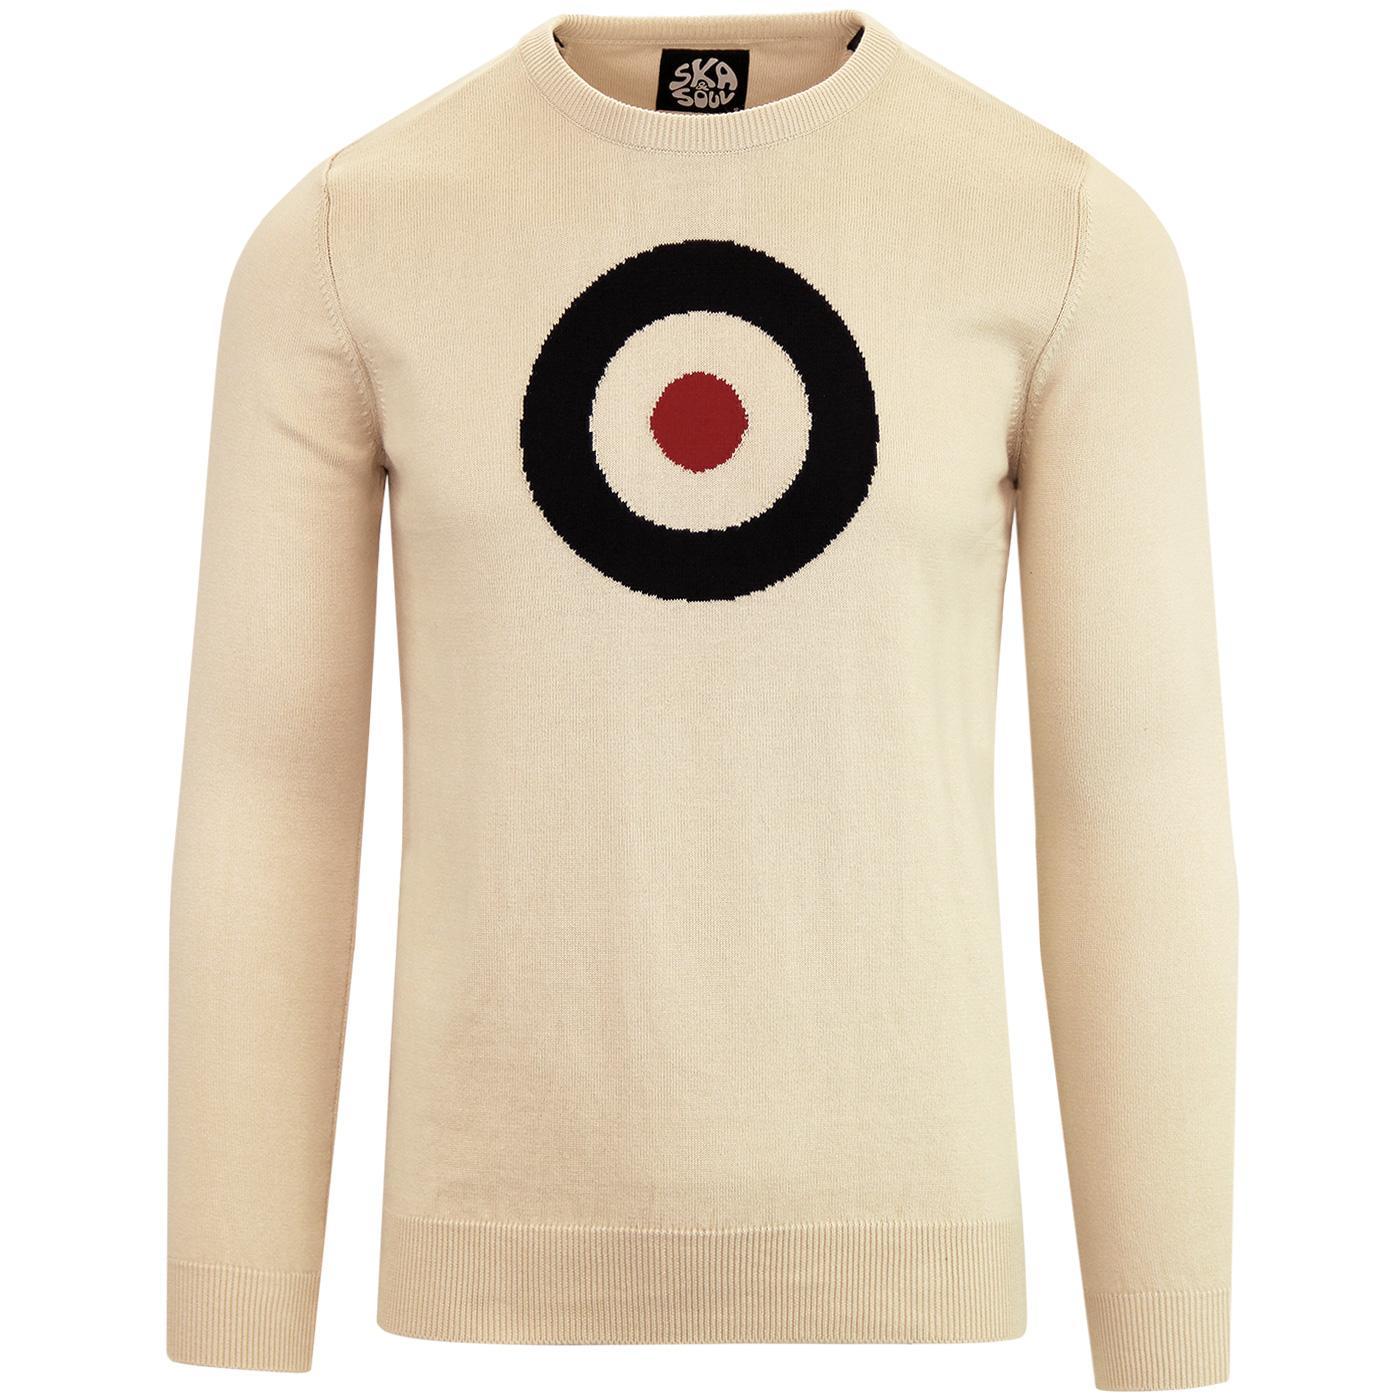 e1533954b SKA & SOUL 1960s Pop Art Mod Target Knit Jumper in Stone